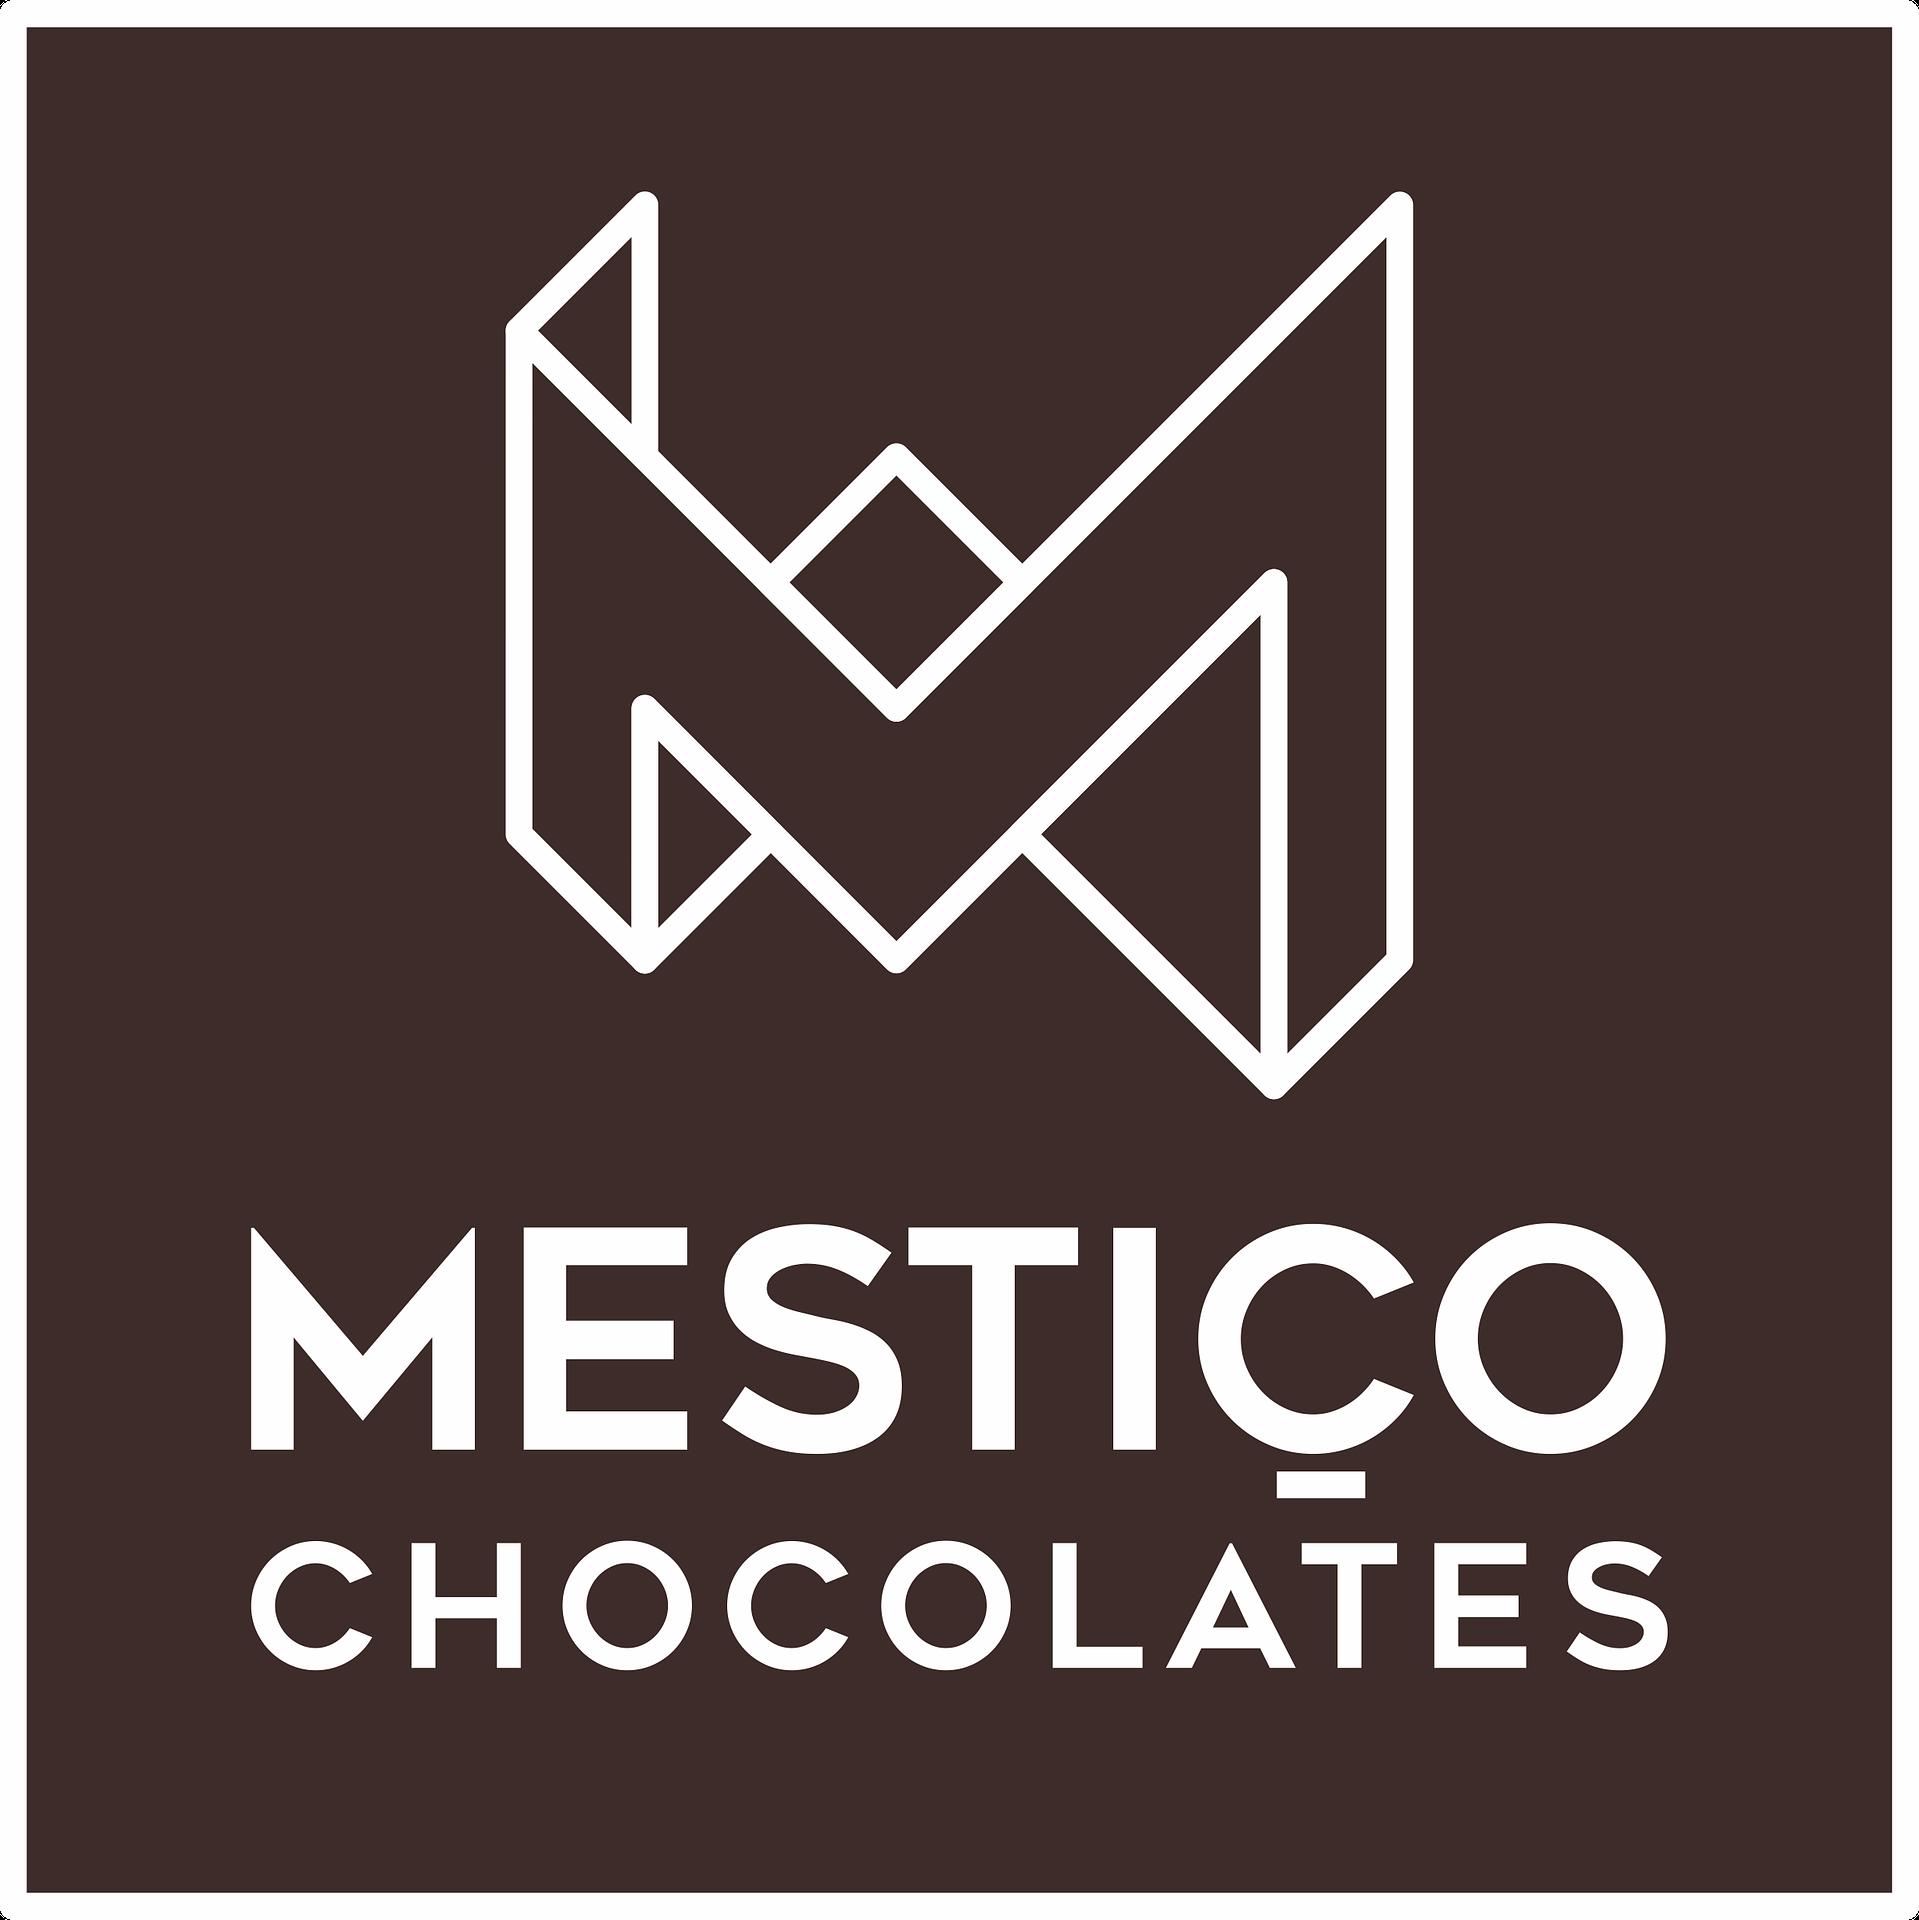 Mestico